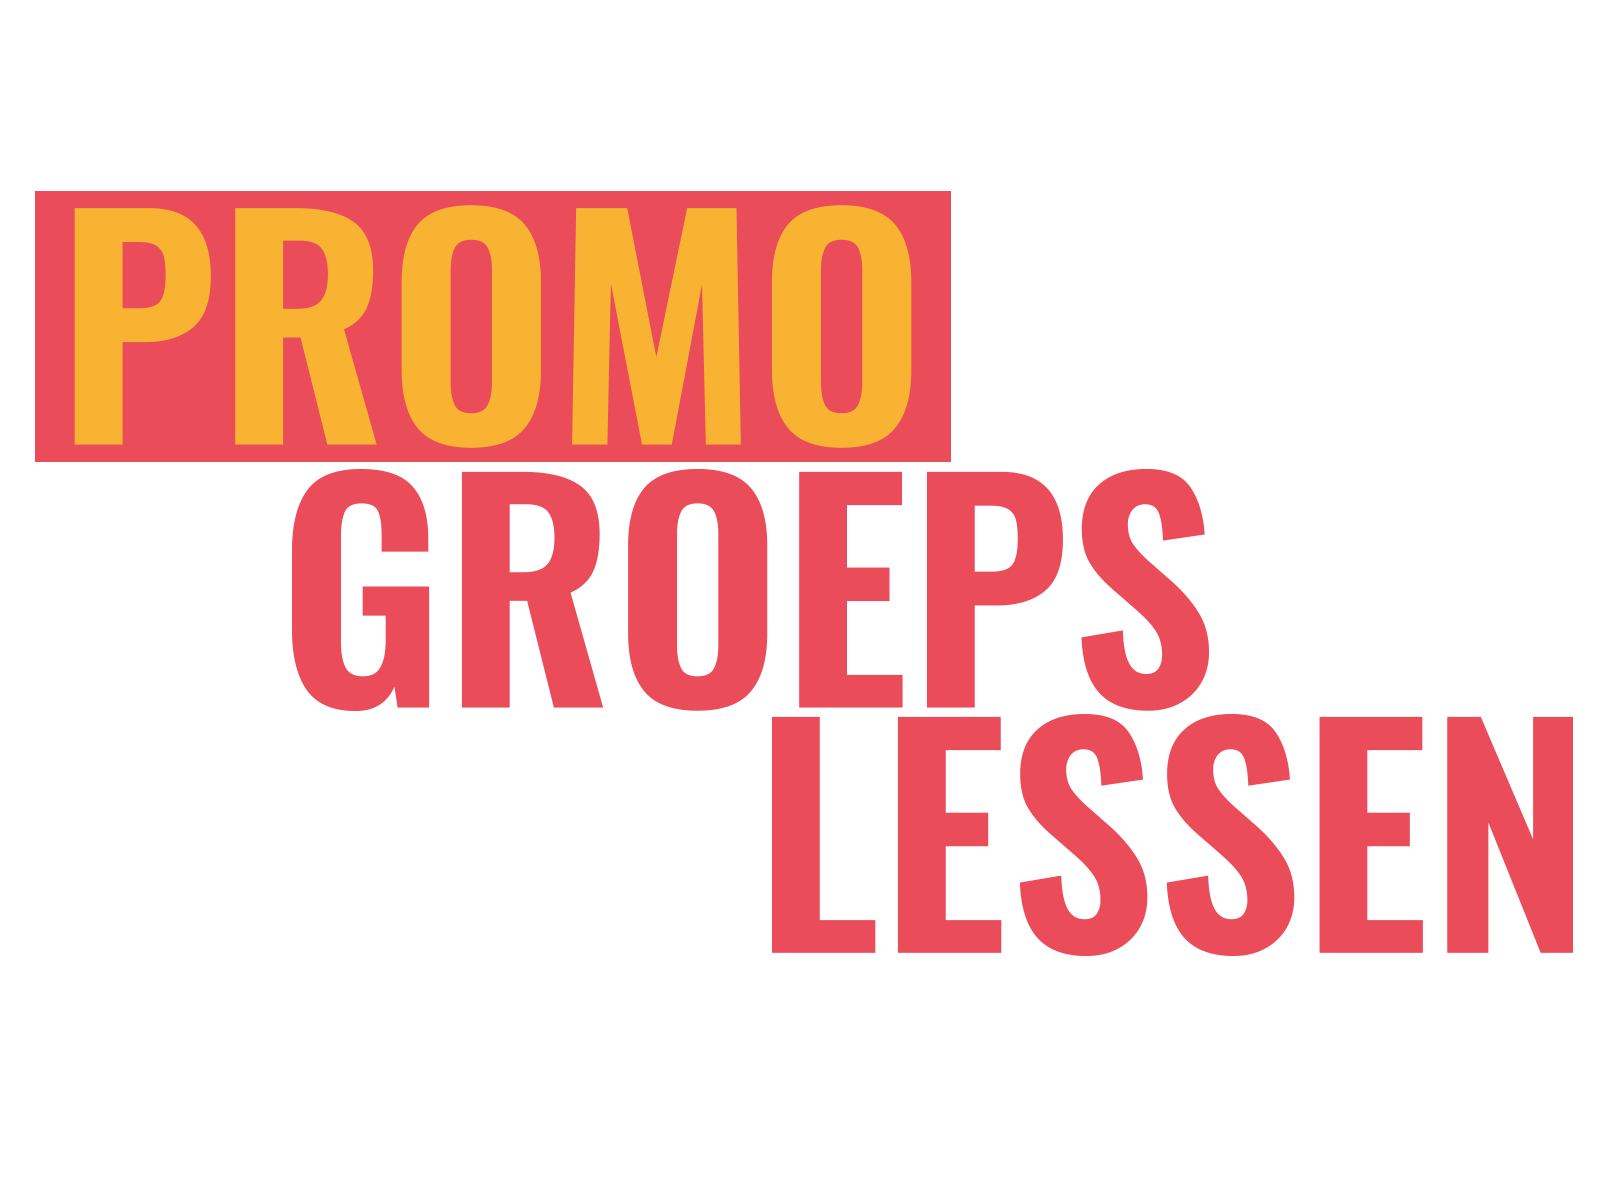 Promo Groepslessen